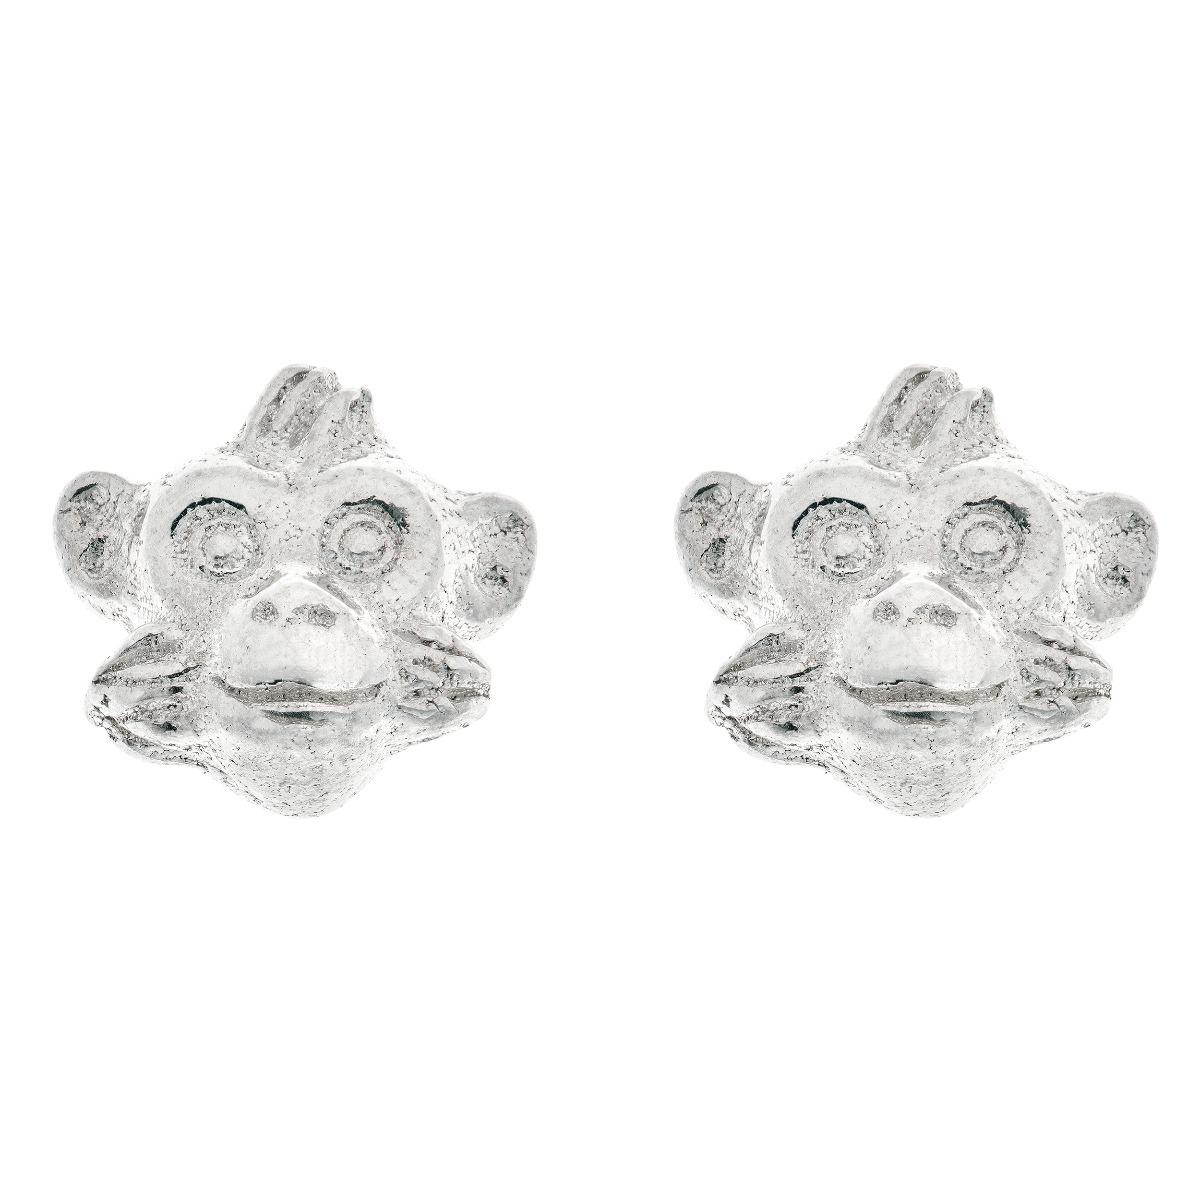 Chinese zodiac stud earrings (monkey)